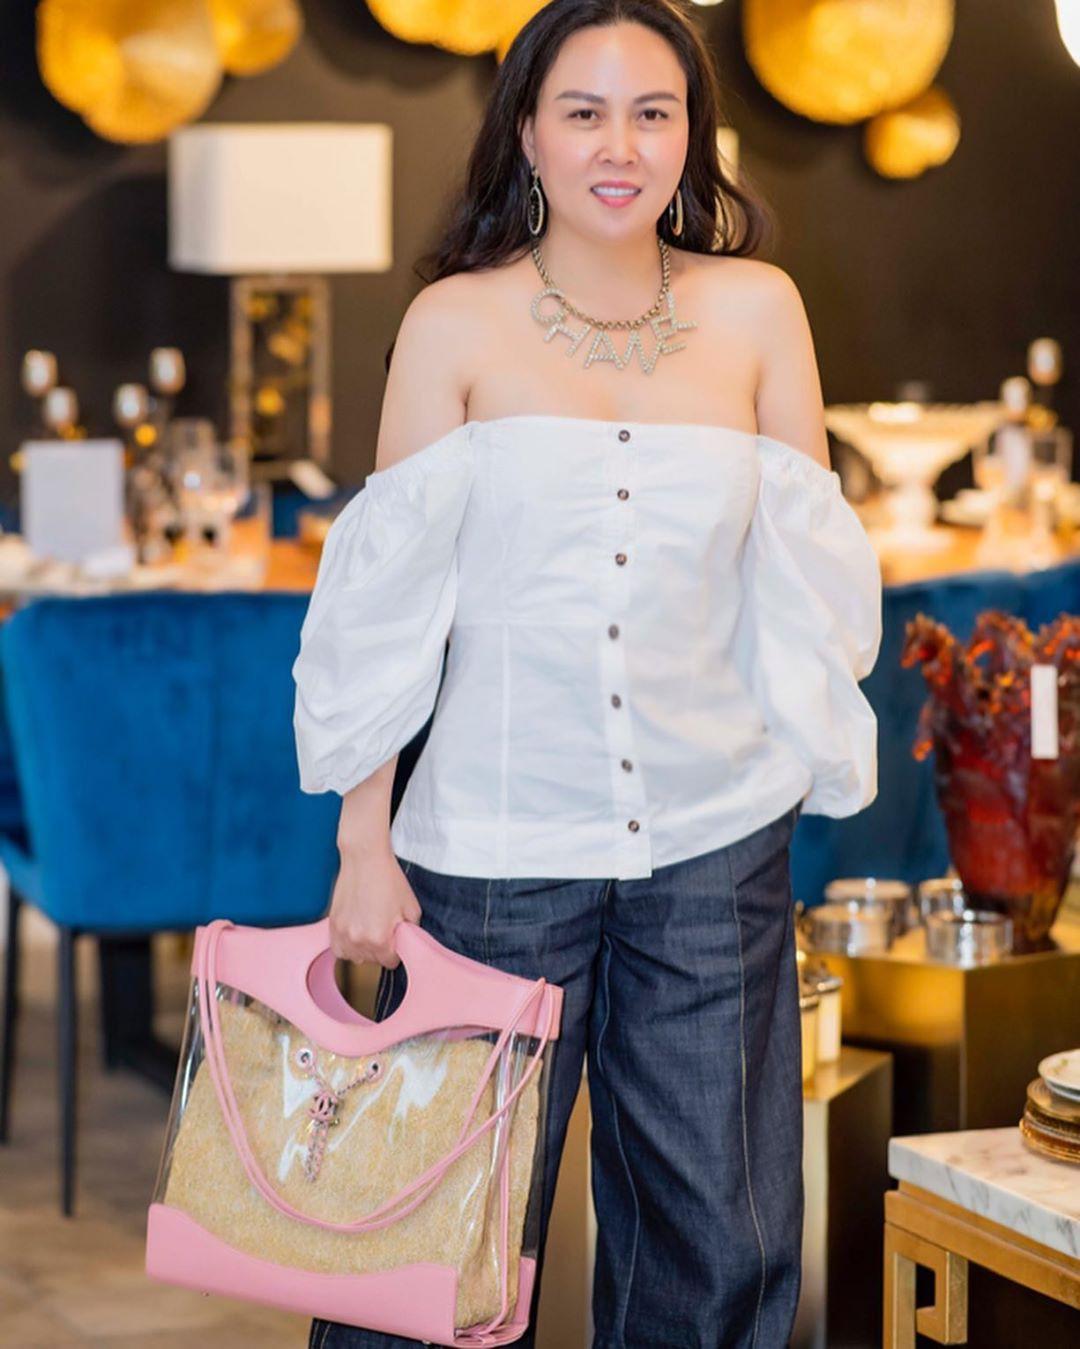 4 lý do khiến Phượng Chanel thường xuyên mix đồ tréo ngoe, chị em công sở nhớ kỹ để tránh mặc xấu-4